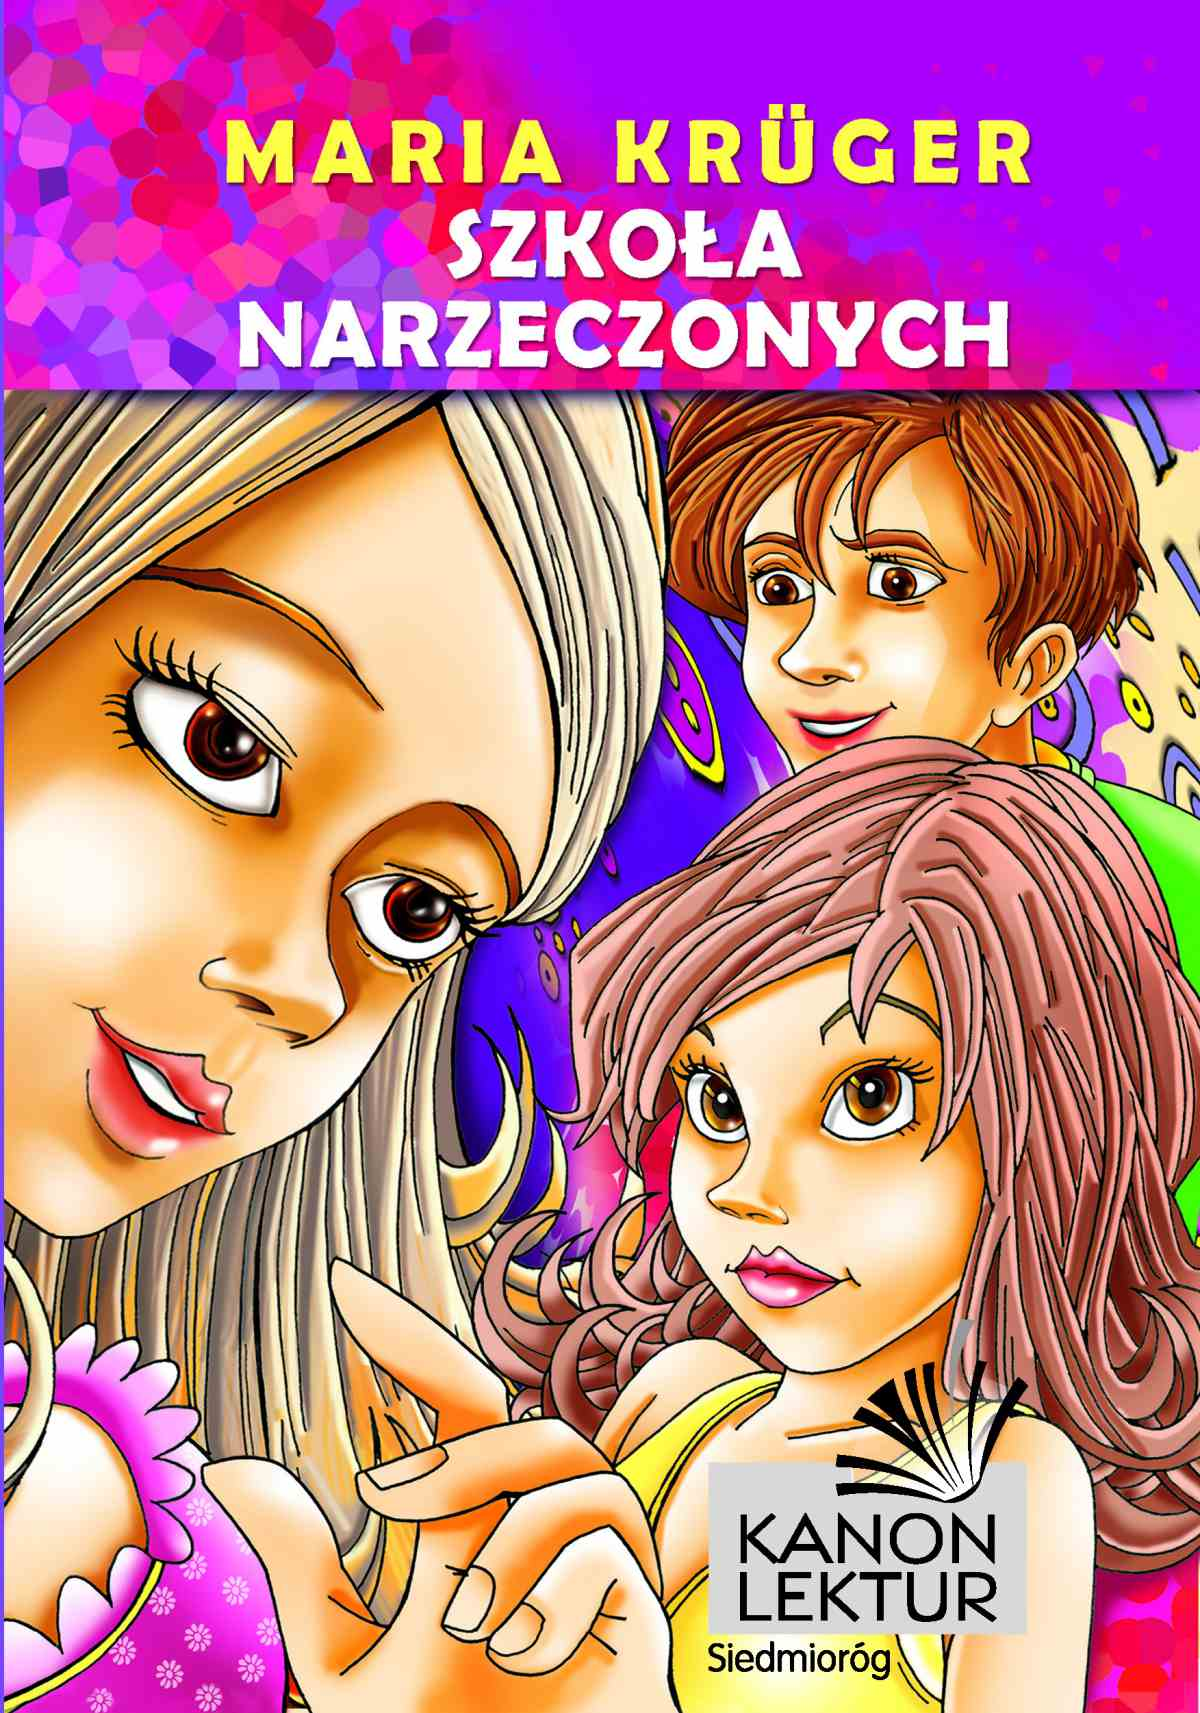 Szkoła narzeczonych - Ebook (Książka EPUB) do pobrania w formacie EPUB